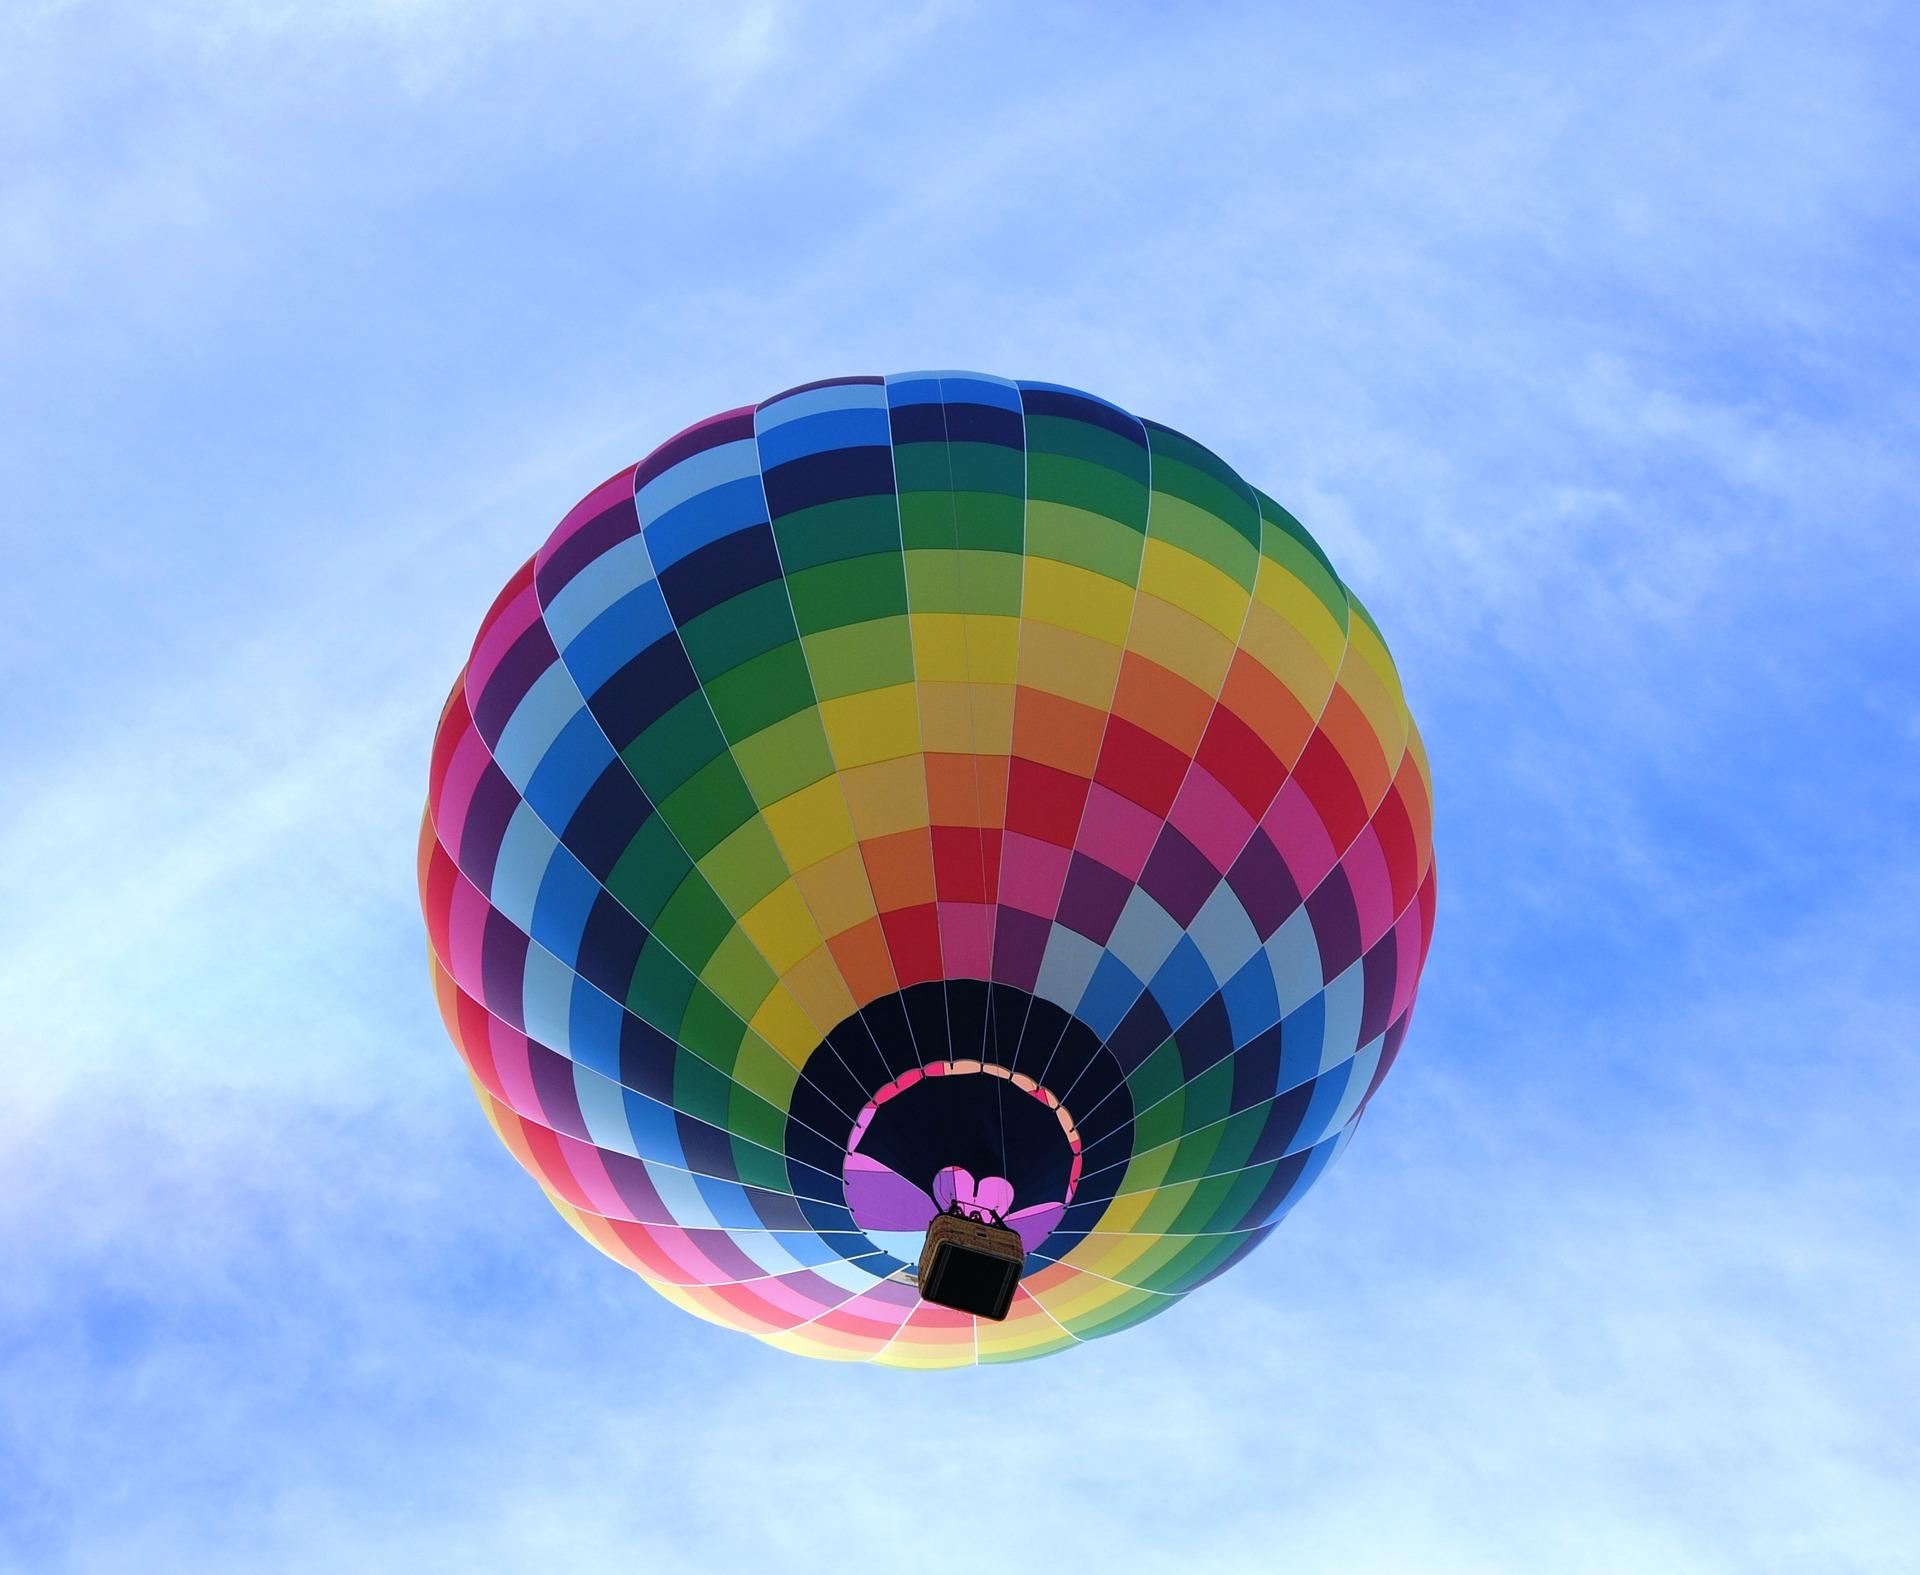 Hot Air Balloon 1579144 1920